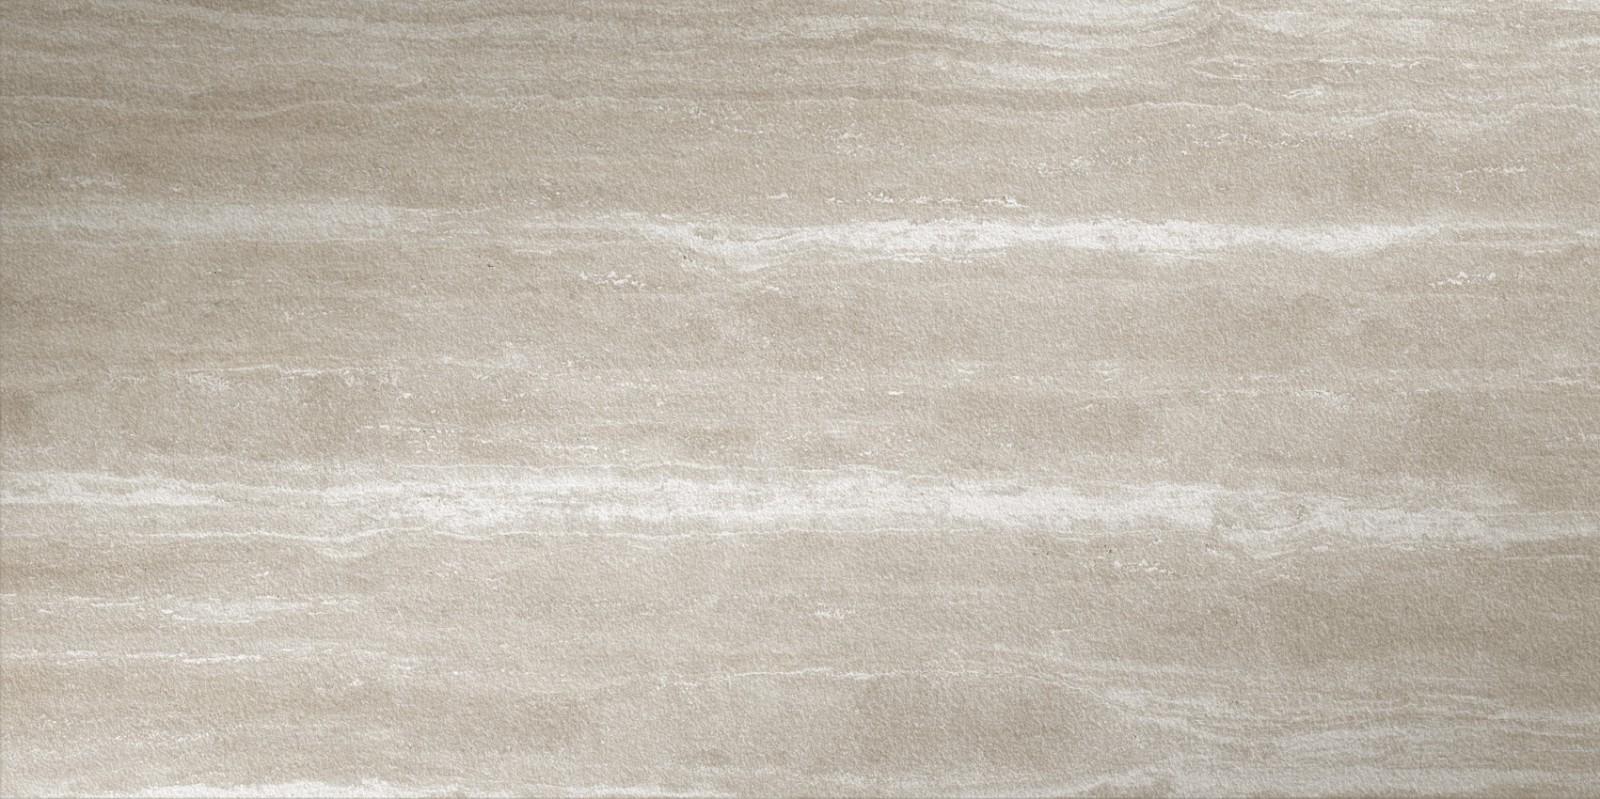 Carrelage aspect marbre pour h tel de luxe geo prestige for Inalco carrelage